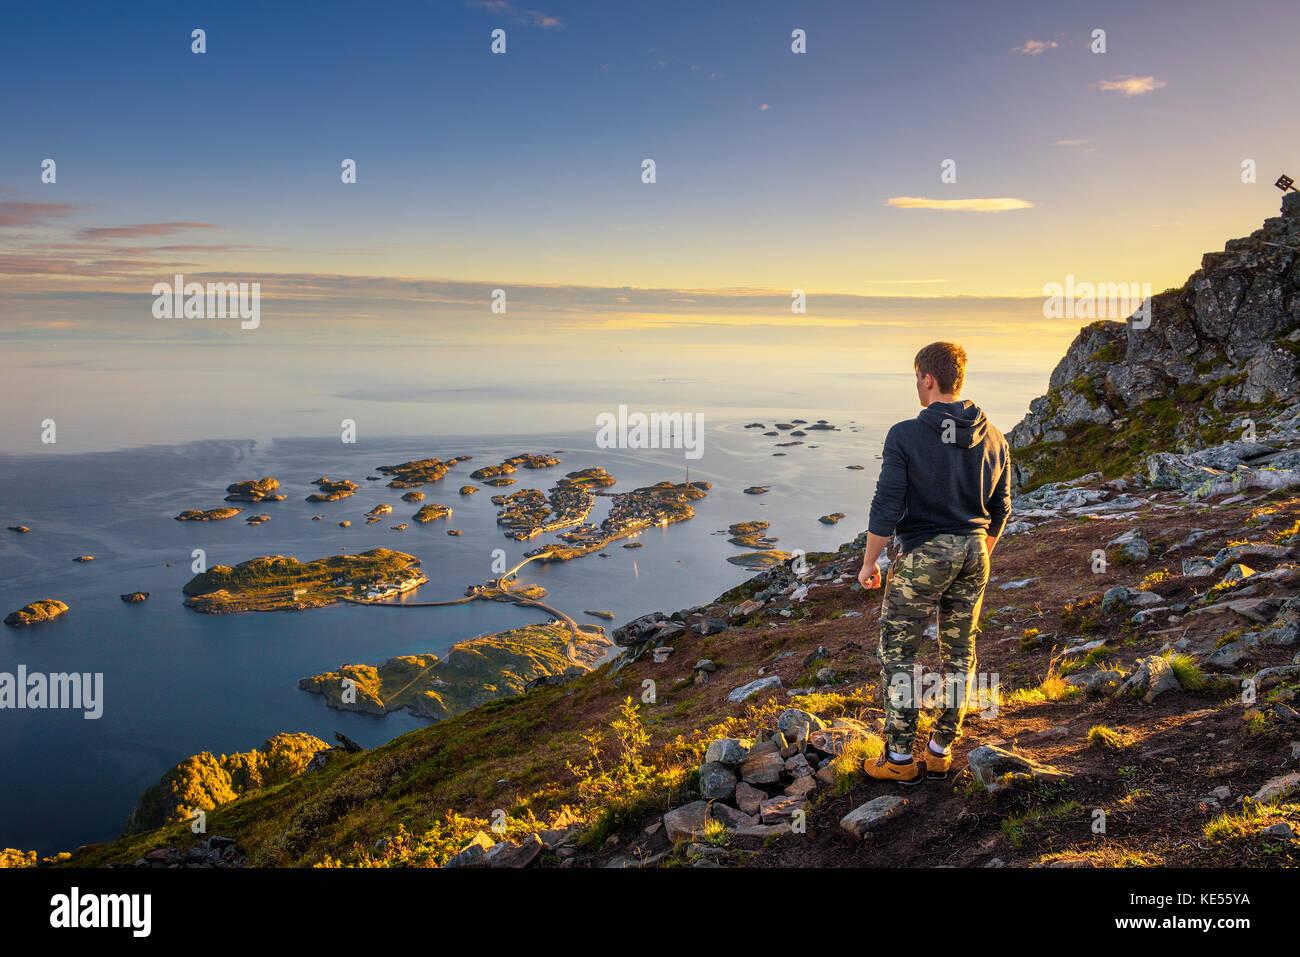 Randonneur debout au sommet du mont festvagtinden sur les îles Lofoten en Norvège Photo Stock